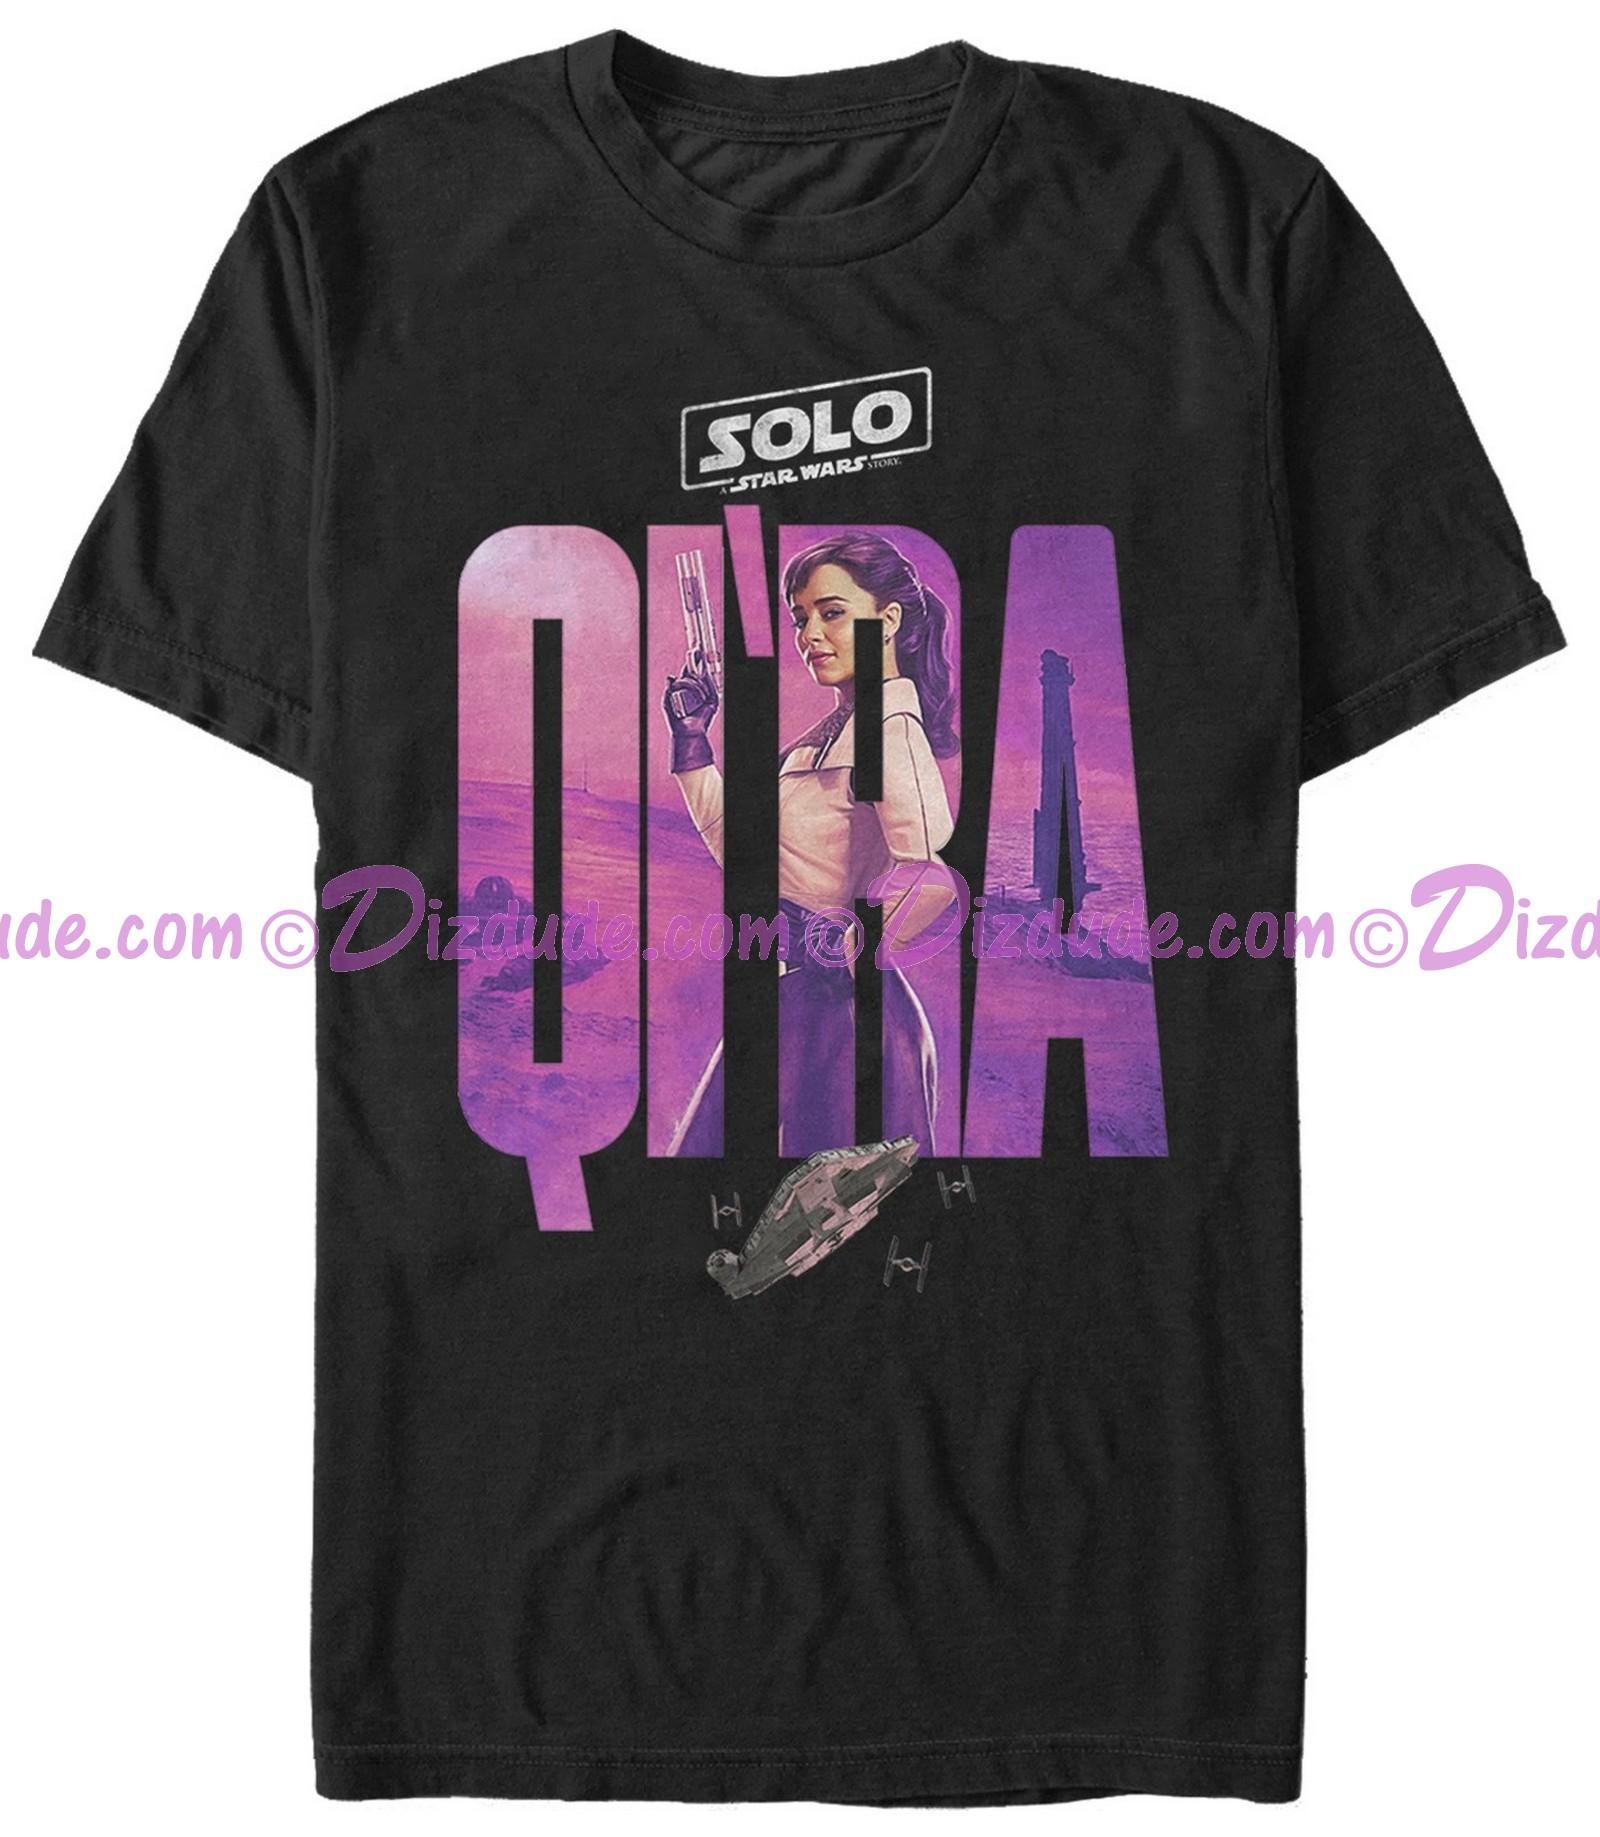 SOLO A Star Wars Story Qi'ra Logo Adult T-Shirt (Tshirt, T shirt or Tee)  © Dizdude.com